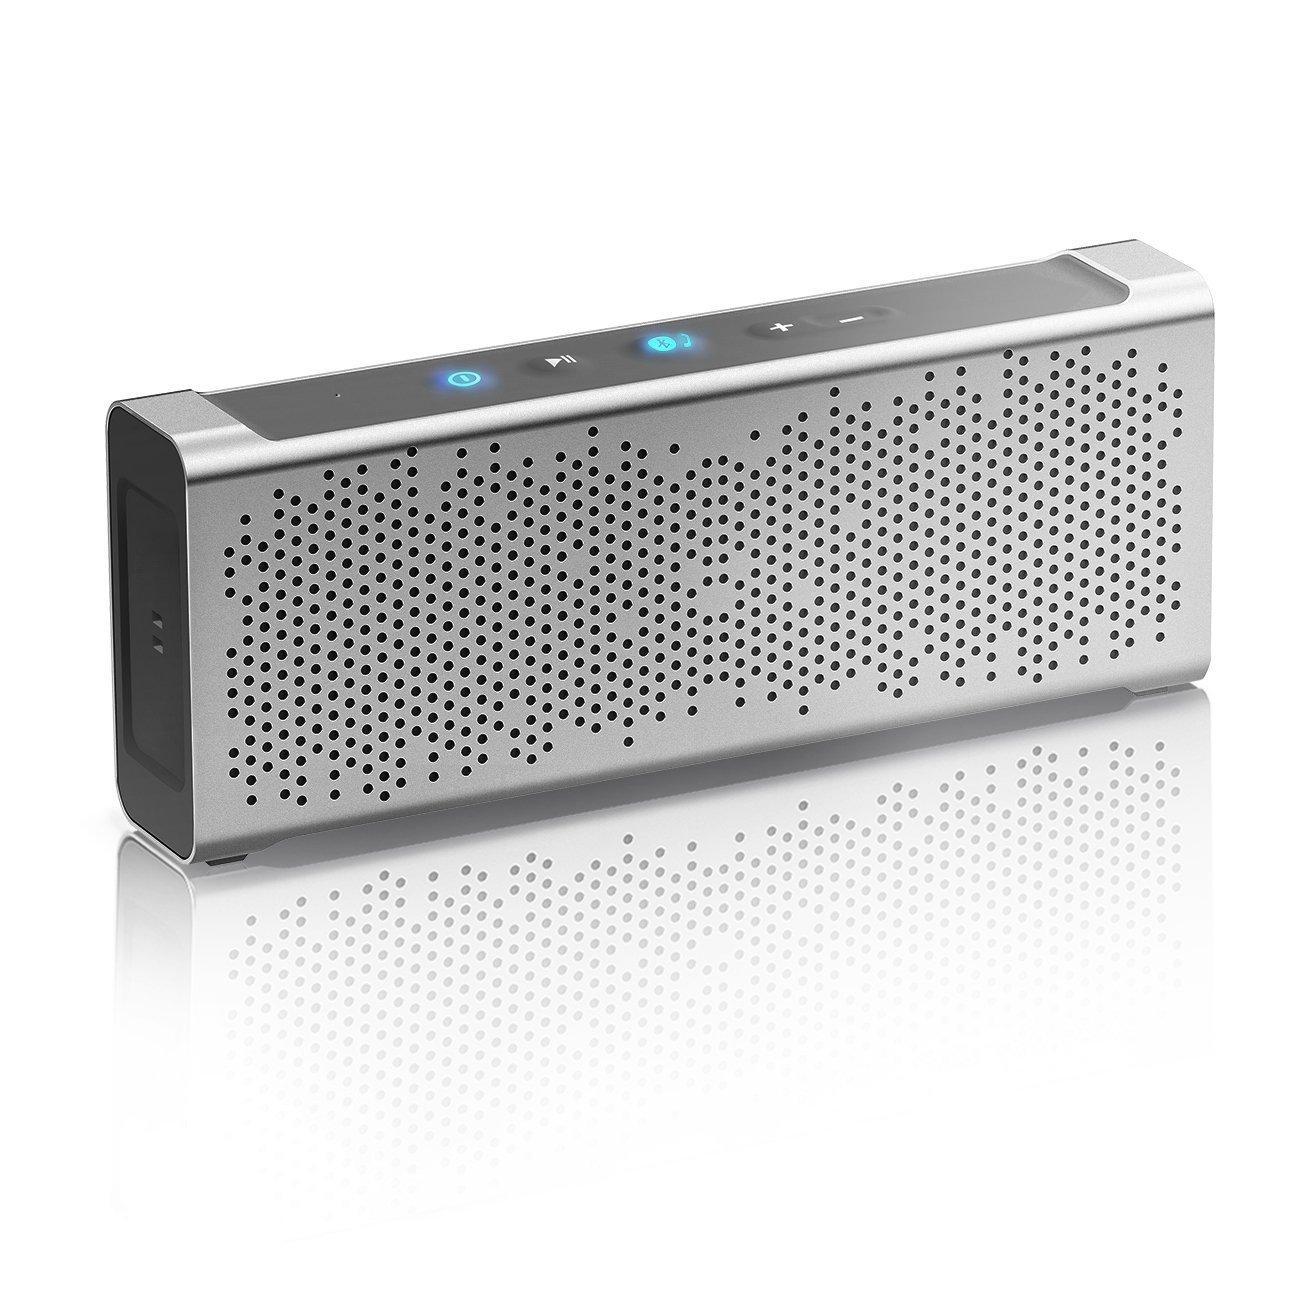 Jusqu'à 8€ de réduction sur une sélection de produits Inateck - Ex : Enceinte portable Bluetooth MercuryBox (Coloris au choix)